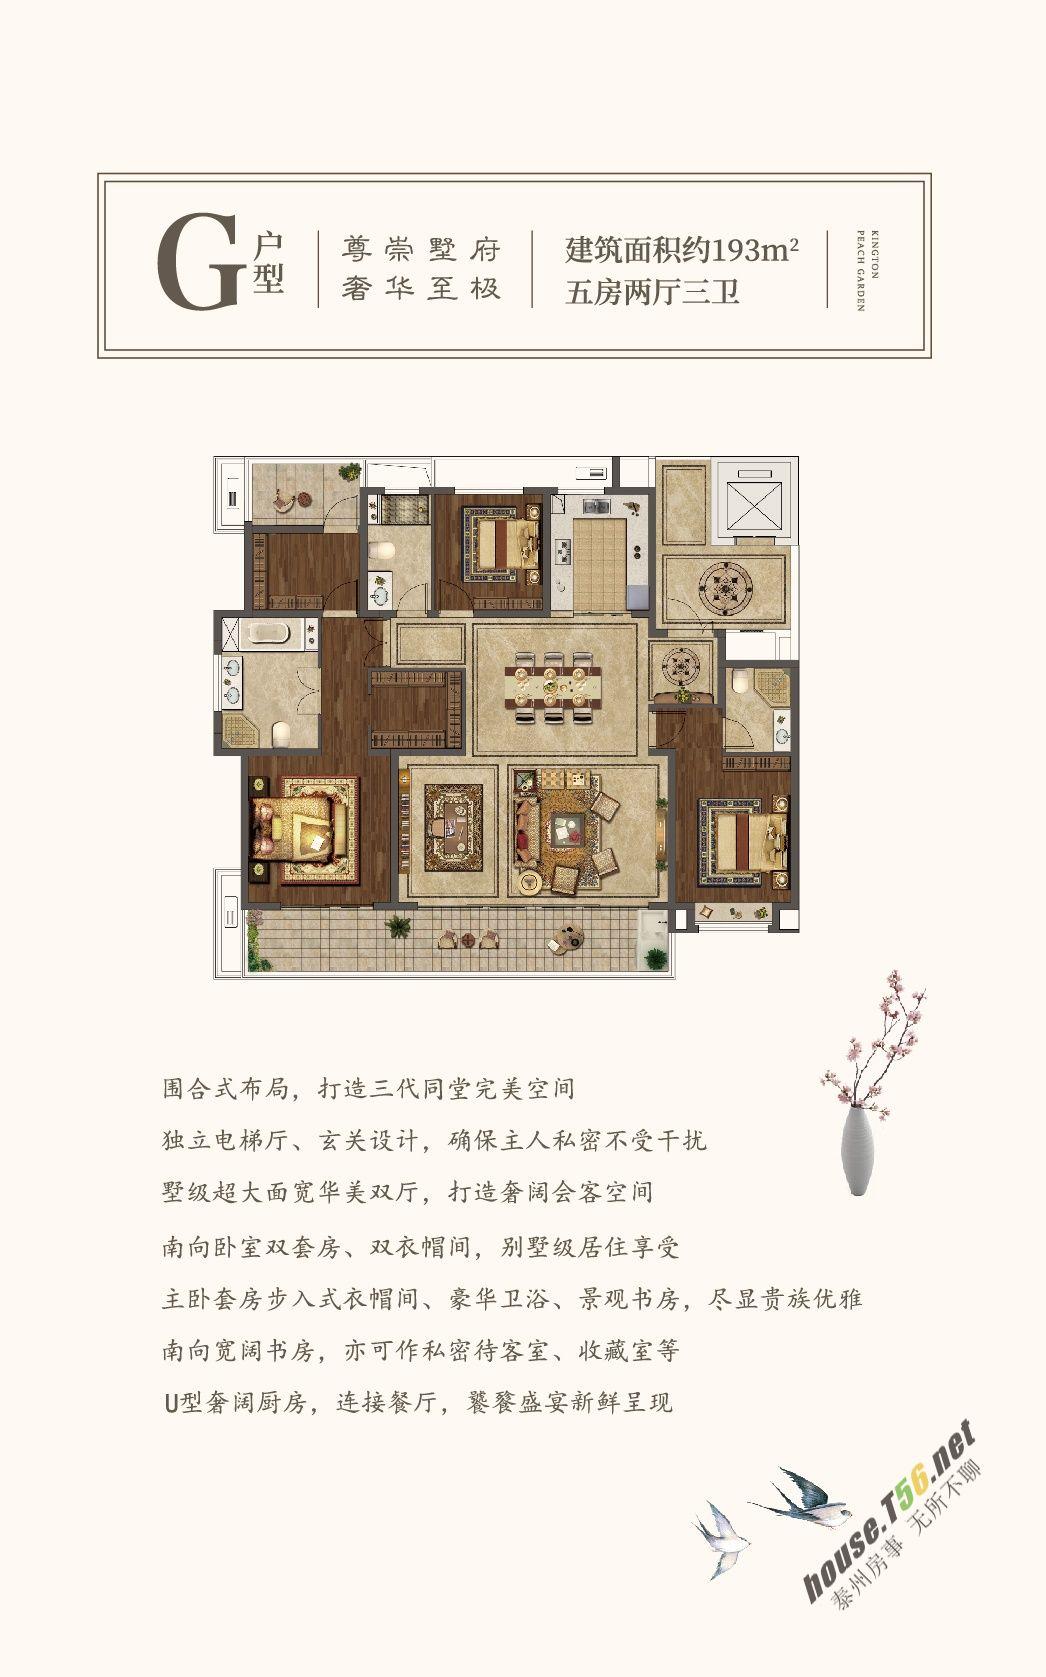 鍥剧墖12.jpg